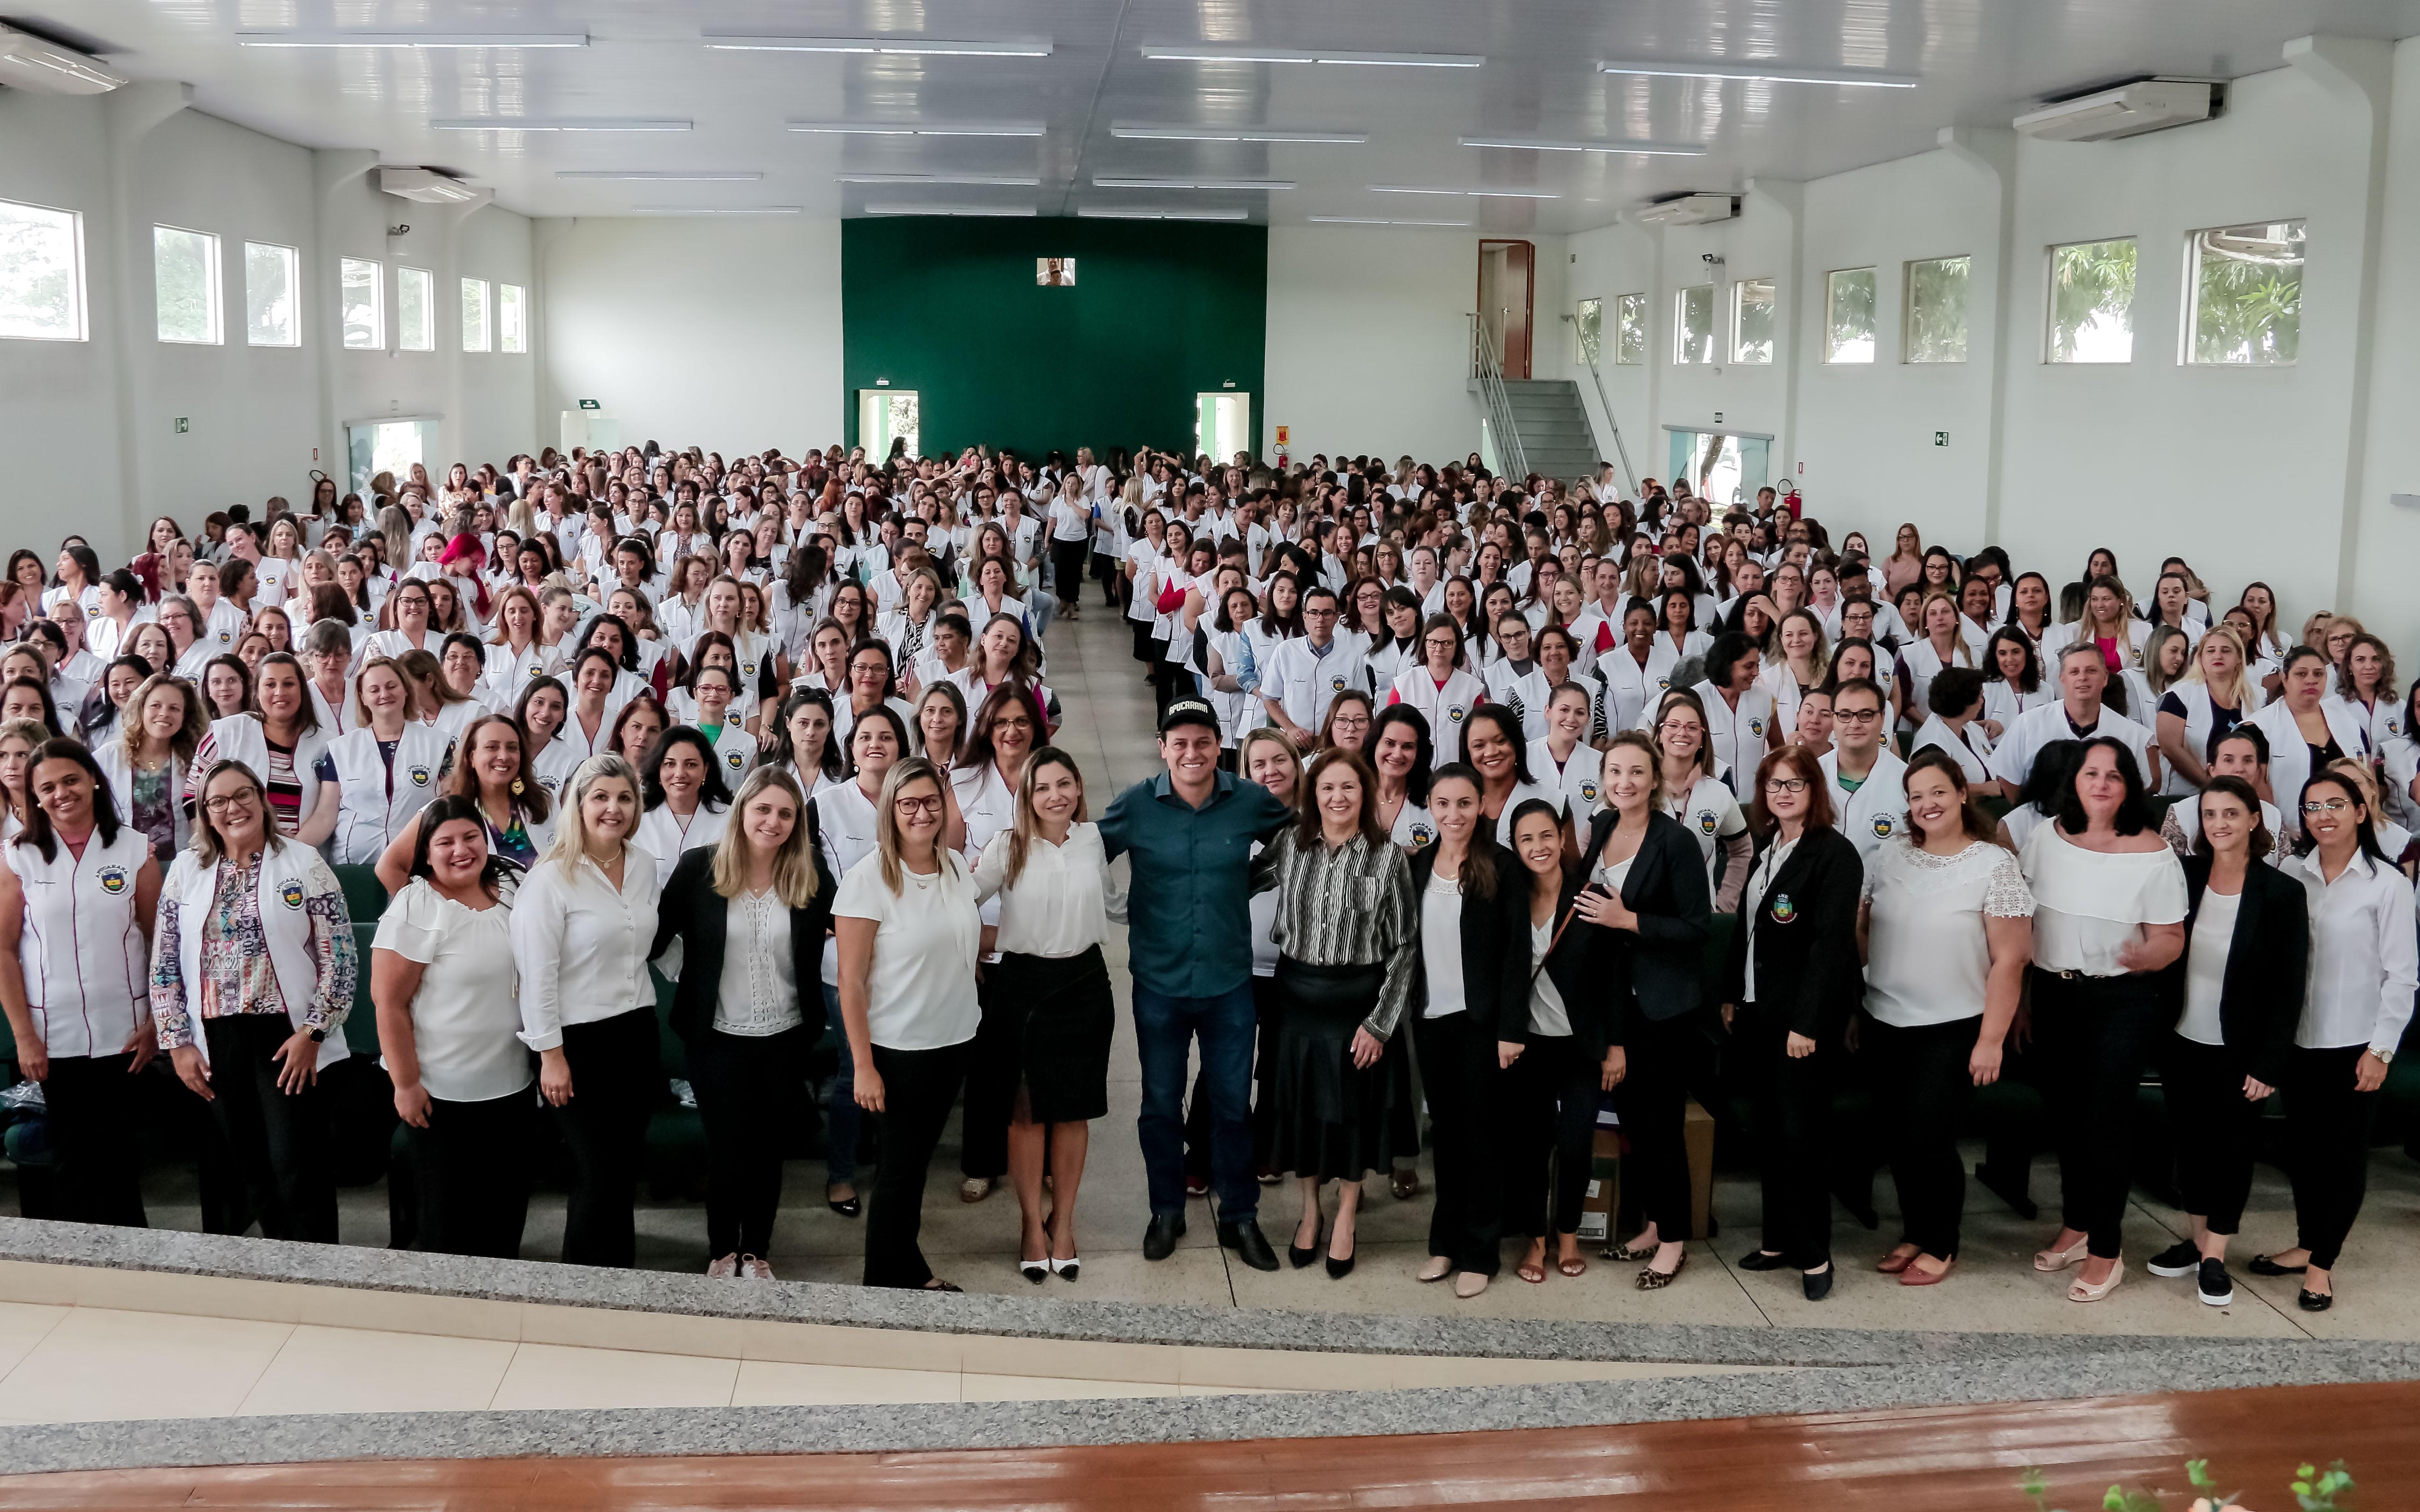 Apucarana promove formação continuada para professores  e servidores da rede municipal de ensino